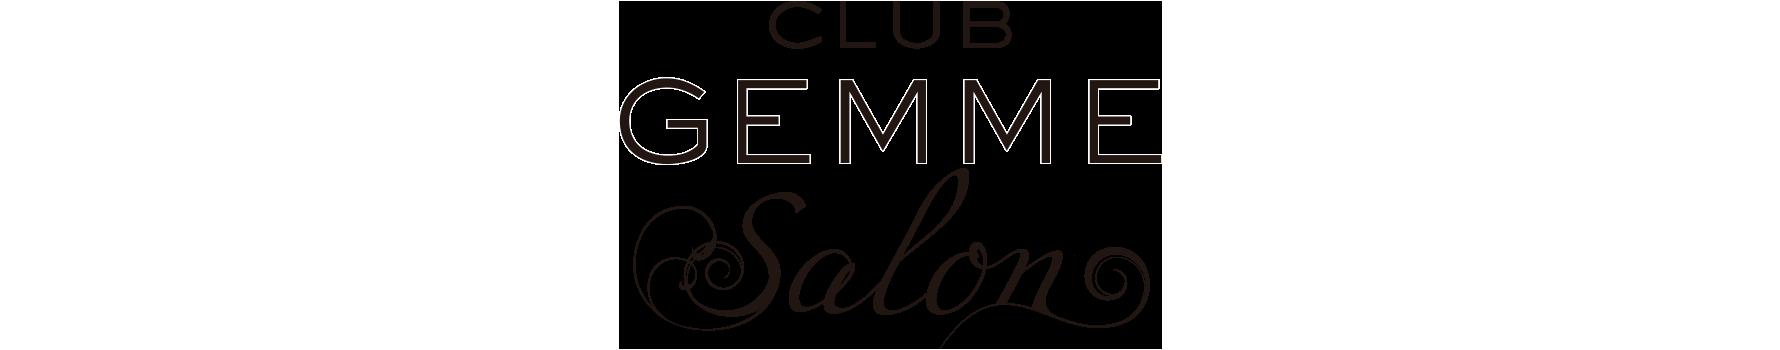 GEMME SALON【ジェムサロン】(町田)のロゴ